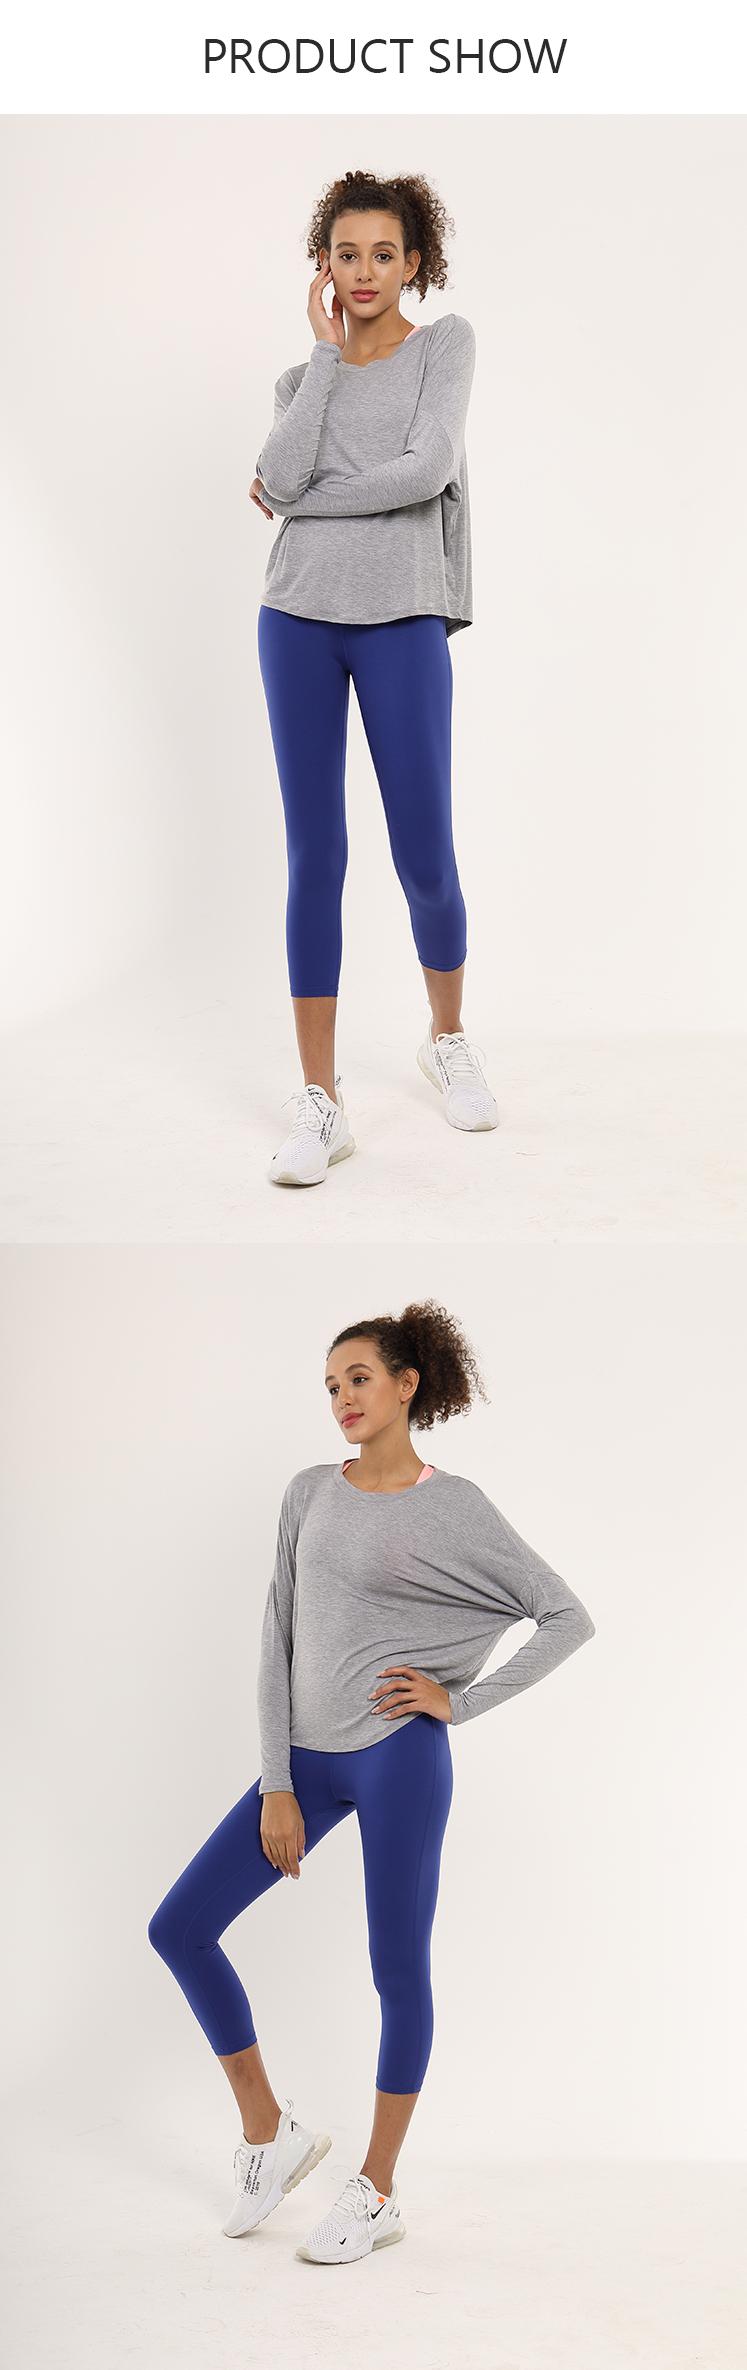 BWST006 Sportswear Arten Bat Design Langarm Shirts Indische Yoga Kleidung Frauen